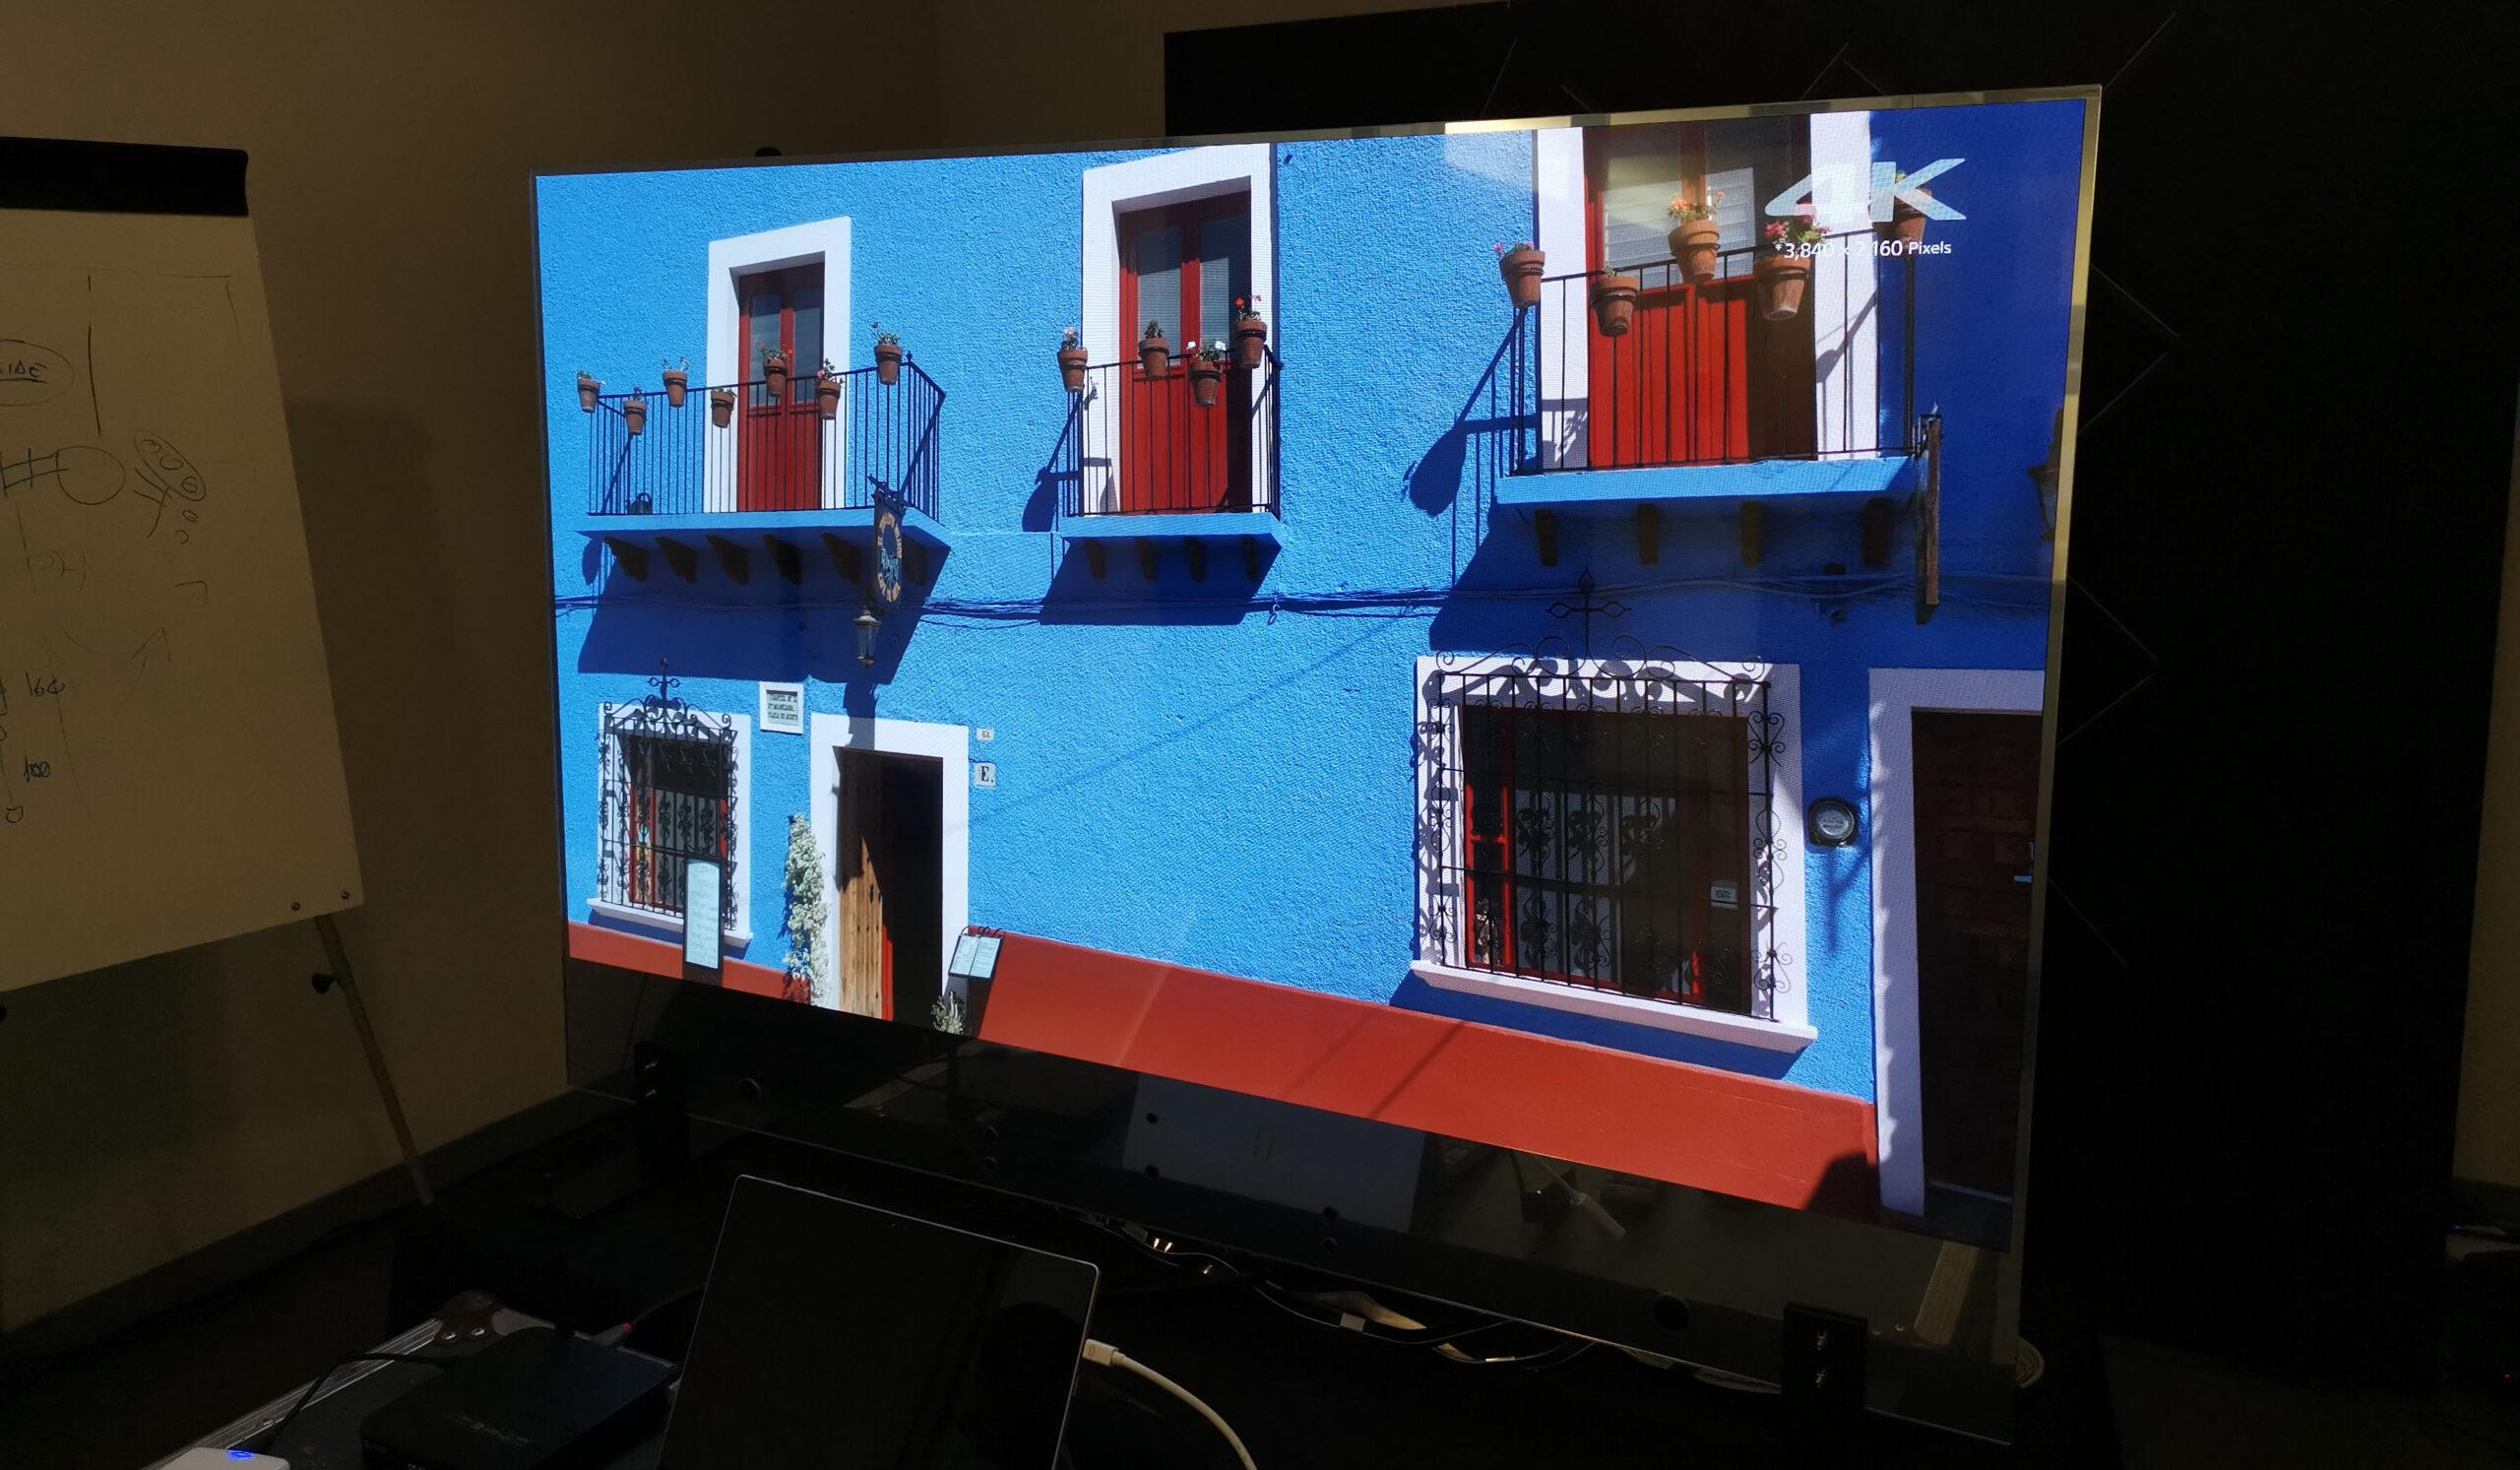 lg oled trasparente 7 20 11 20 scaled - LG OLED Trasparente 55EW5F: l'abbiamo provato e misurato!